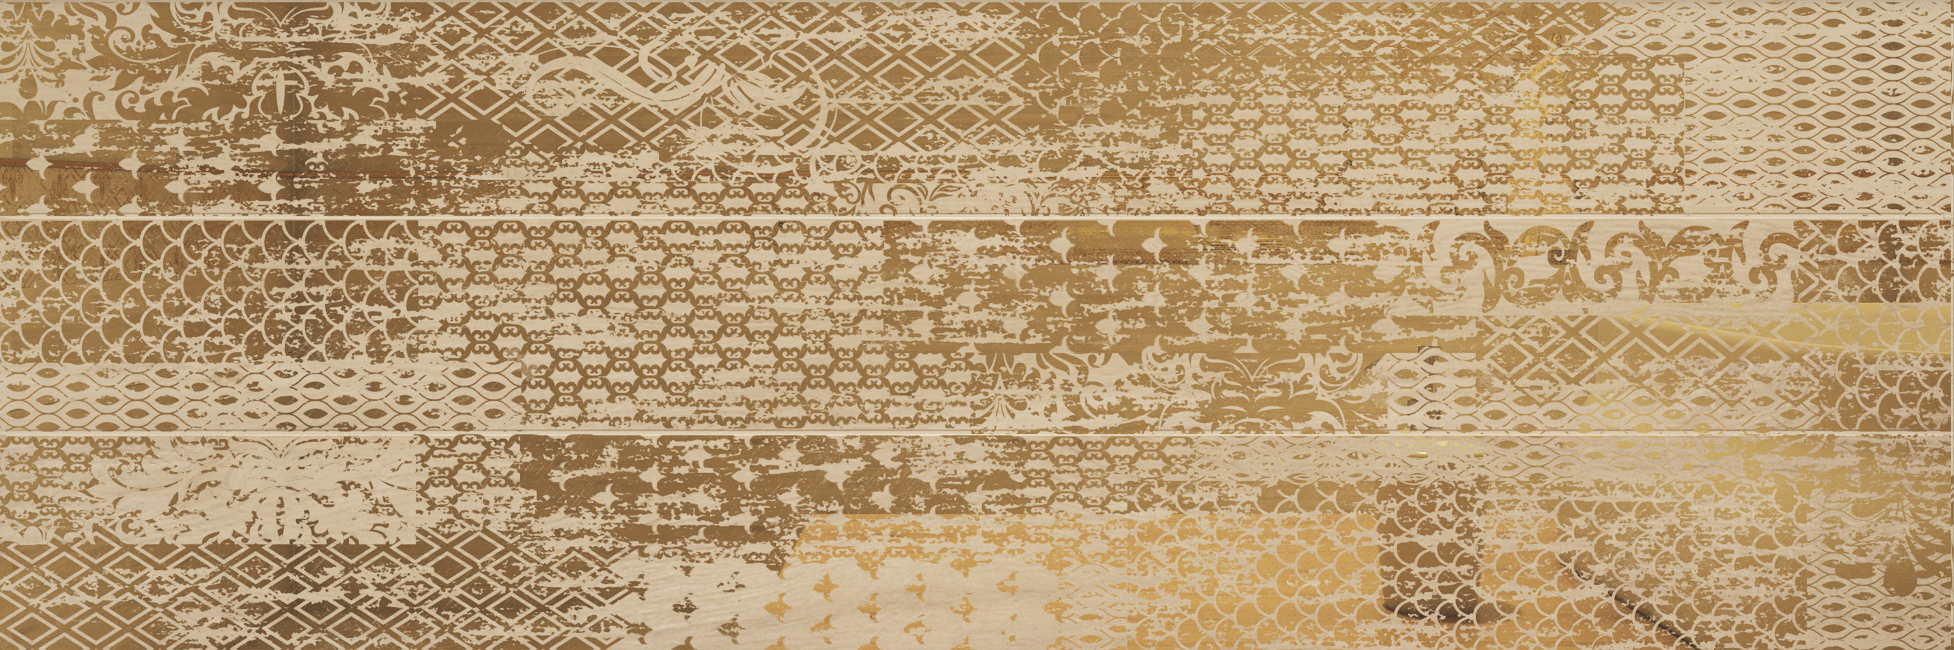 Купить Керамическая плитка AltaСera Imprint Vesta Gold декор 20x60, Россия